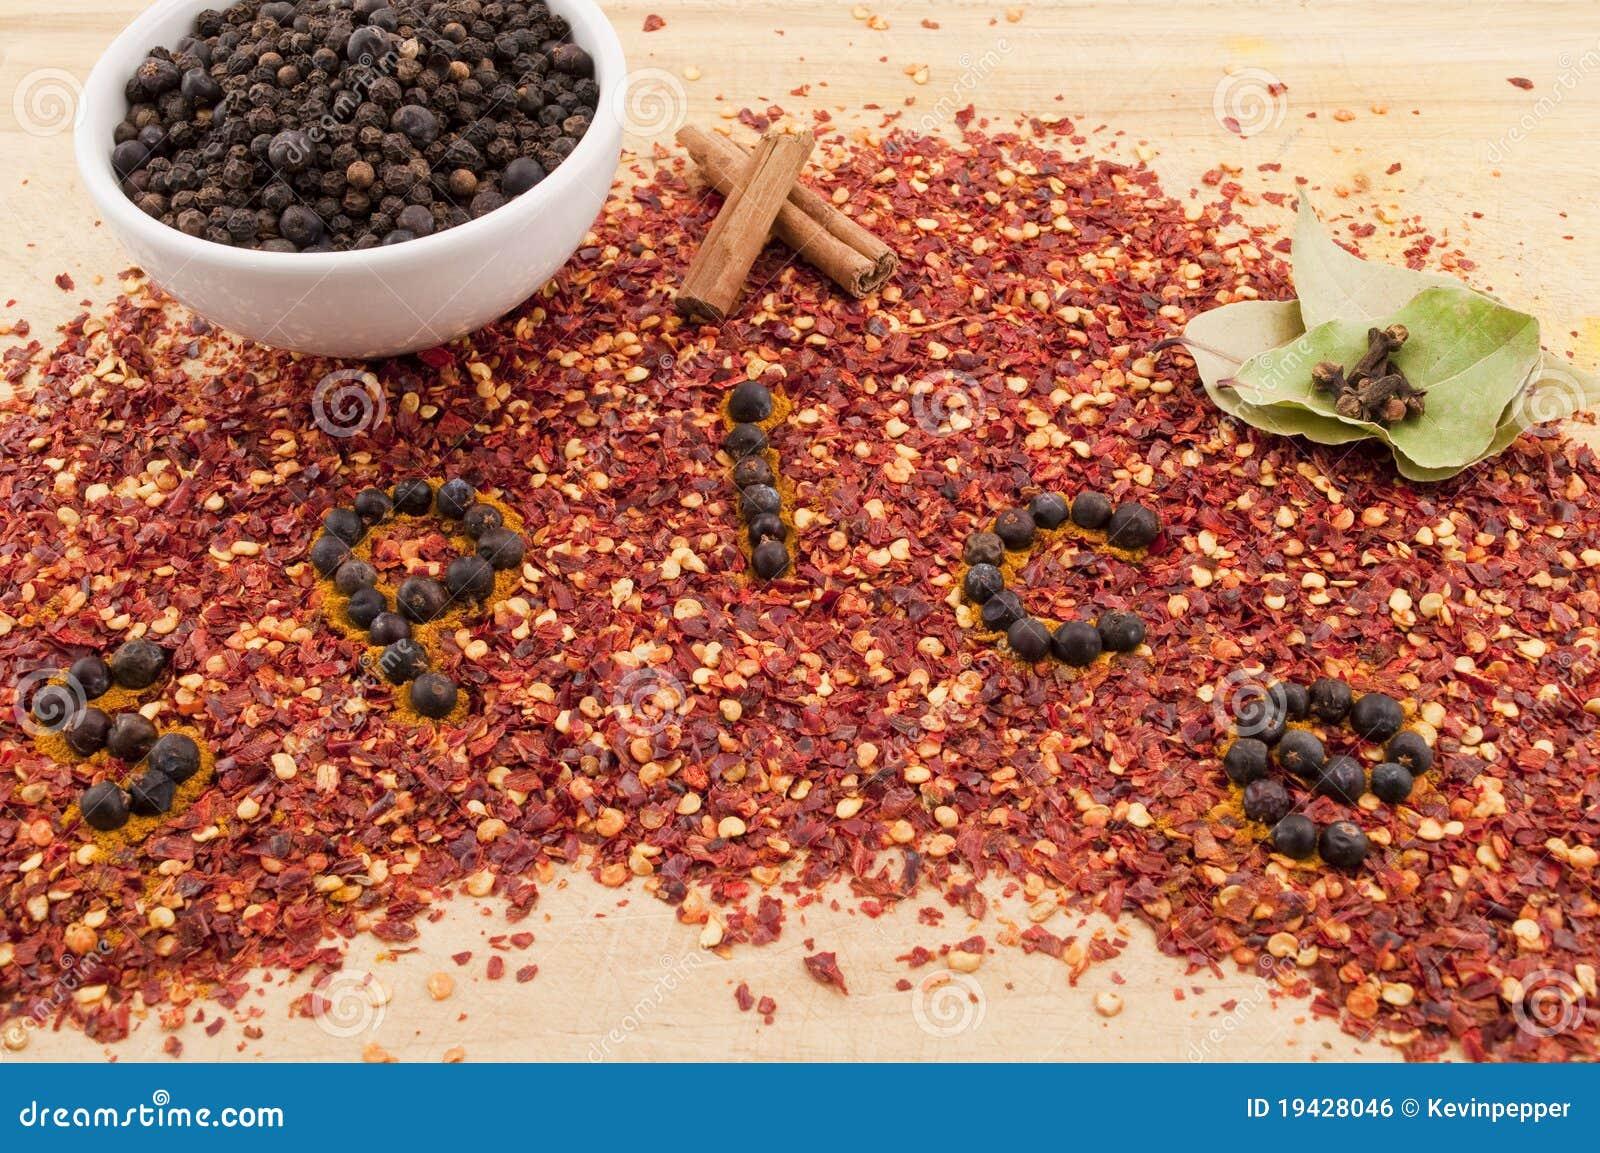 Chilin flagar över det skrivna kryddaordet